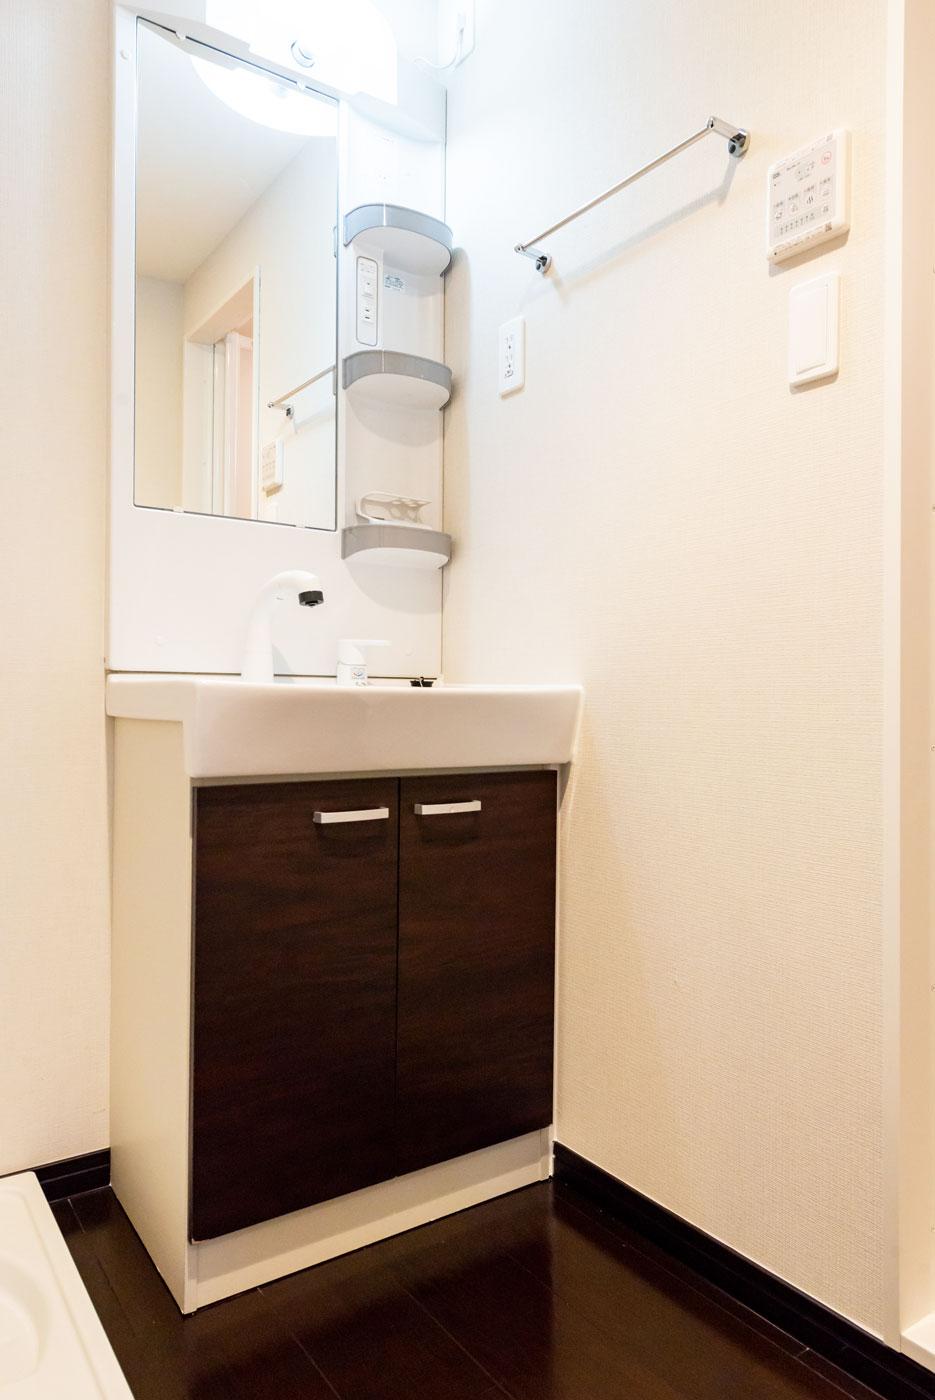 202-5 洗面室